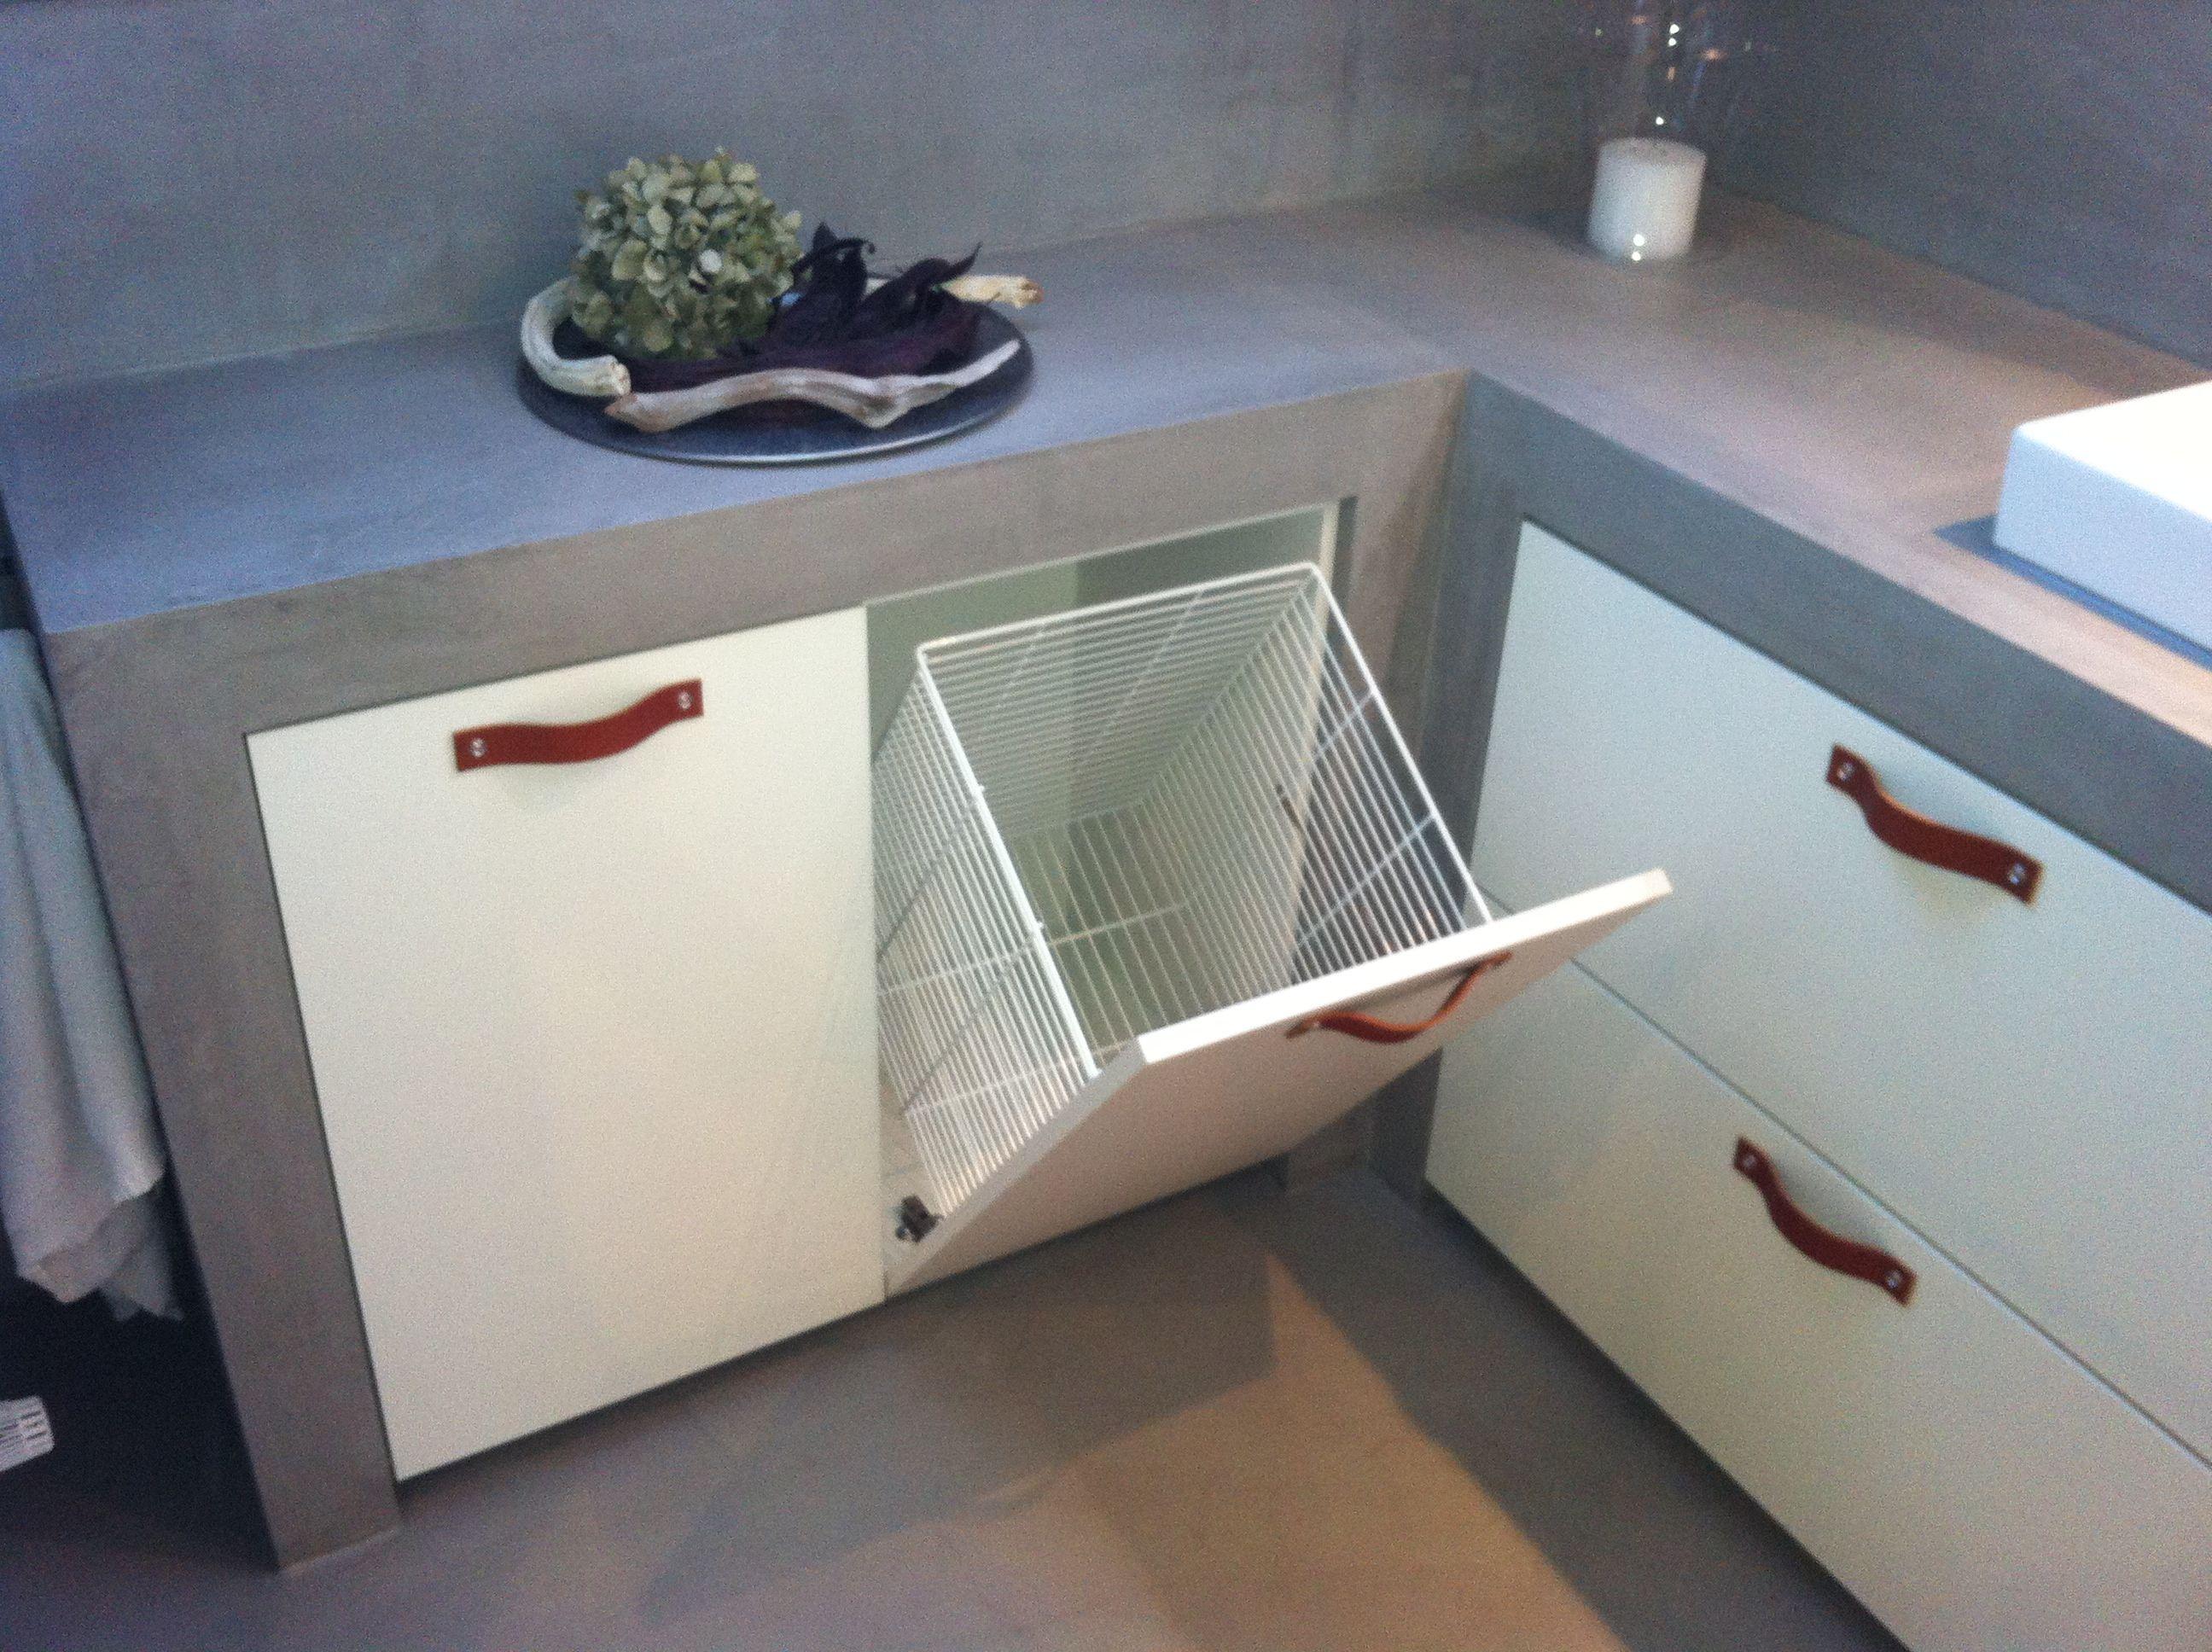 mooie oplossing voor het netjes wegwerken van de wasmand douche